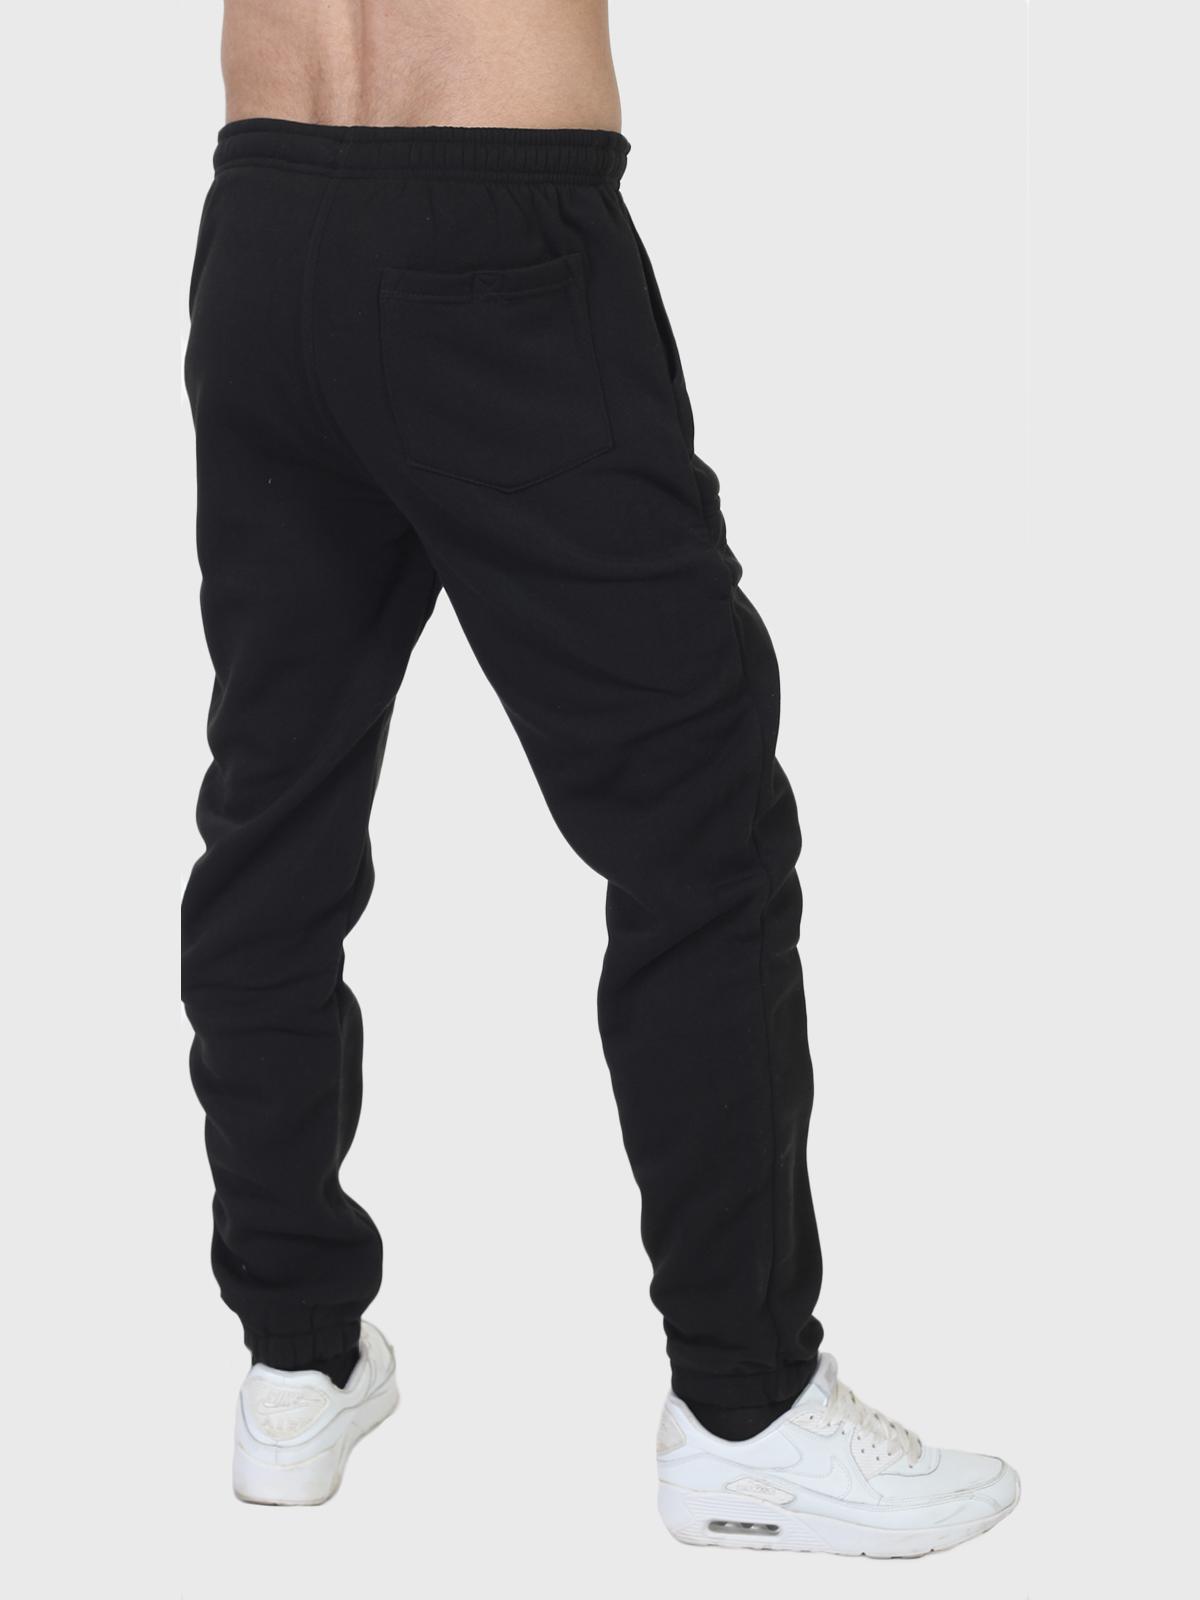 Топовые спортивные штаны для пограничника по выгодной цене